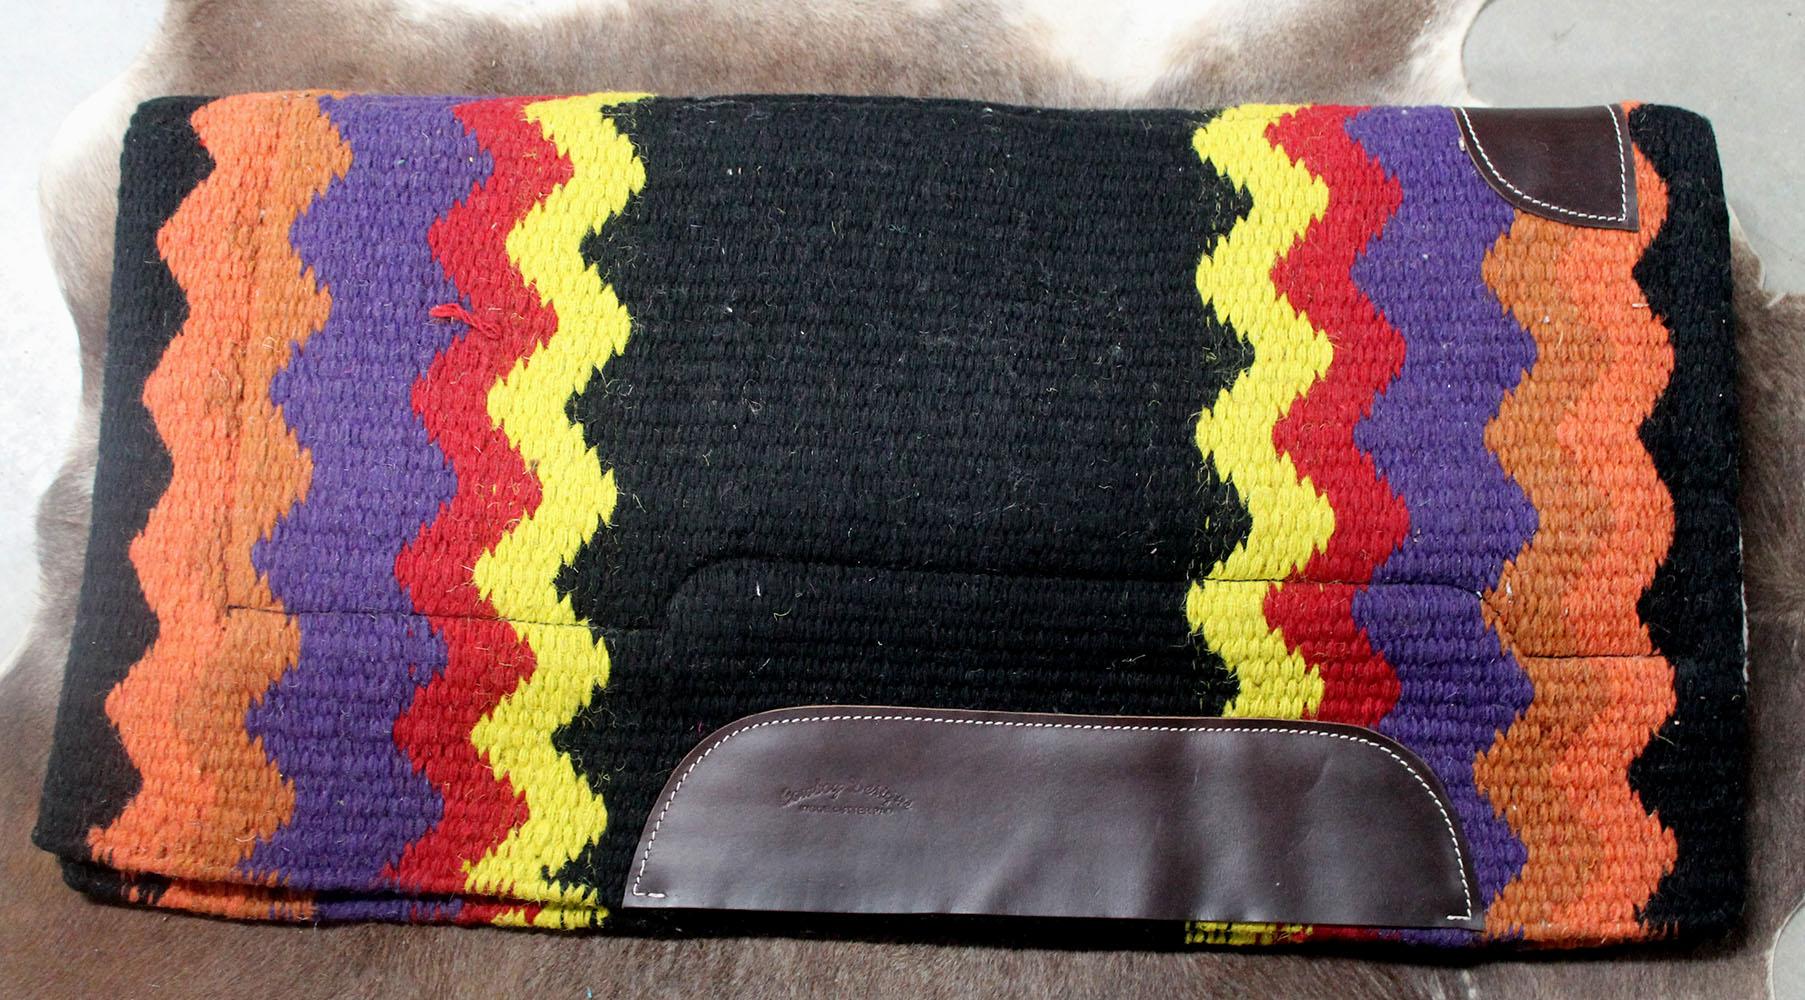 Mostrar occidental lana cojín Rodeo manta de caballo Trail Tachuela 38106